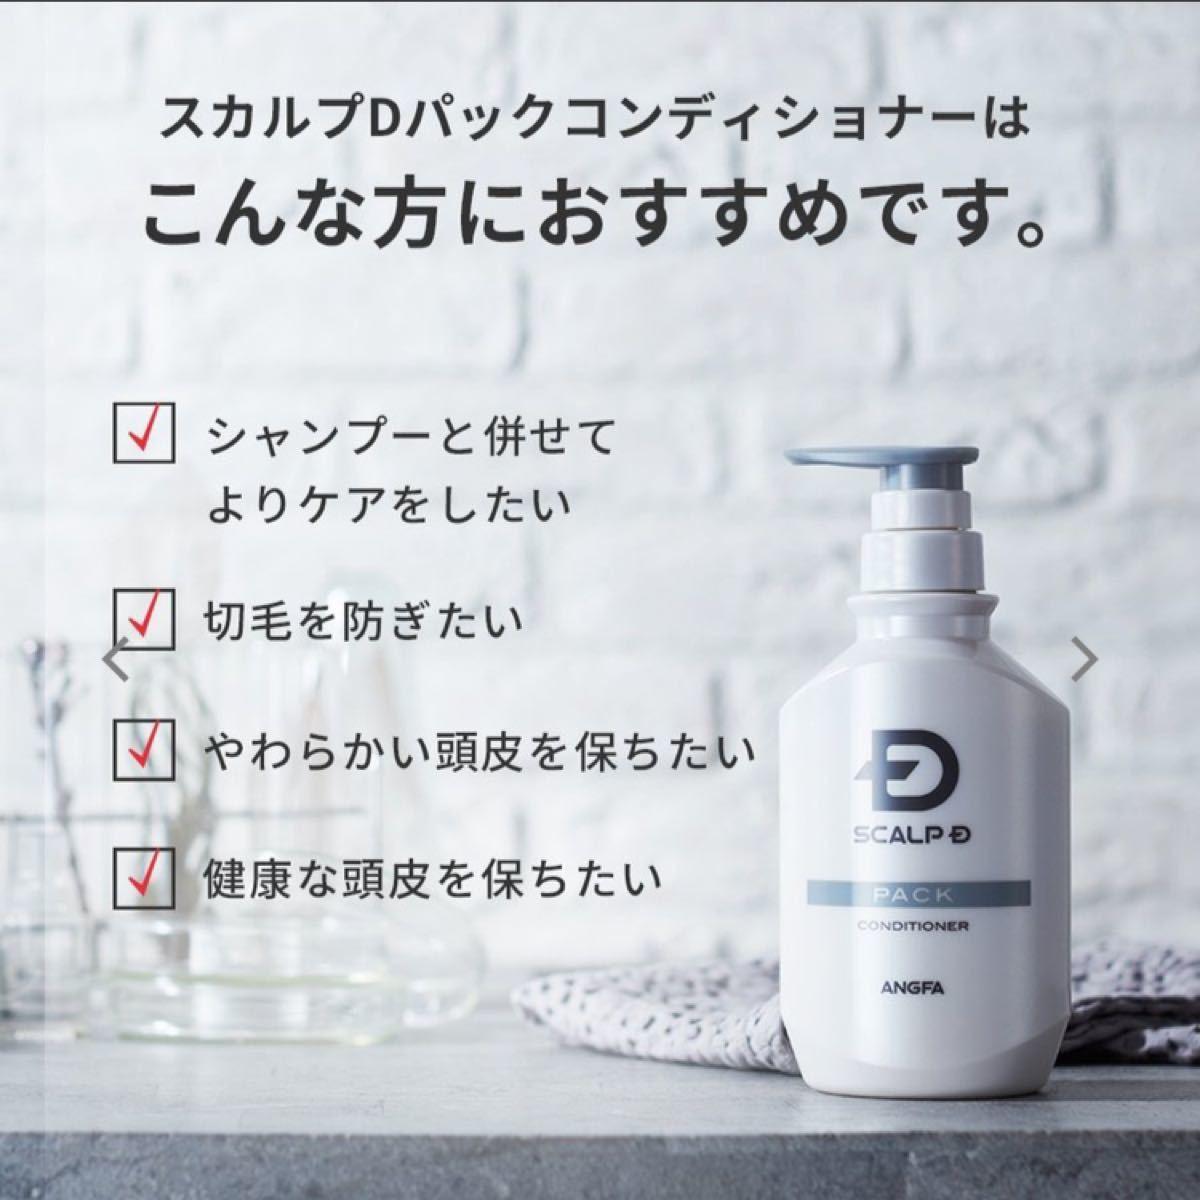 【未使用】スカルプD シャンプーオイリー&コンディショナーセット